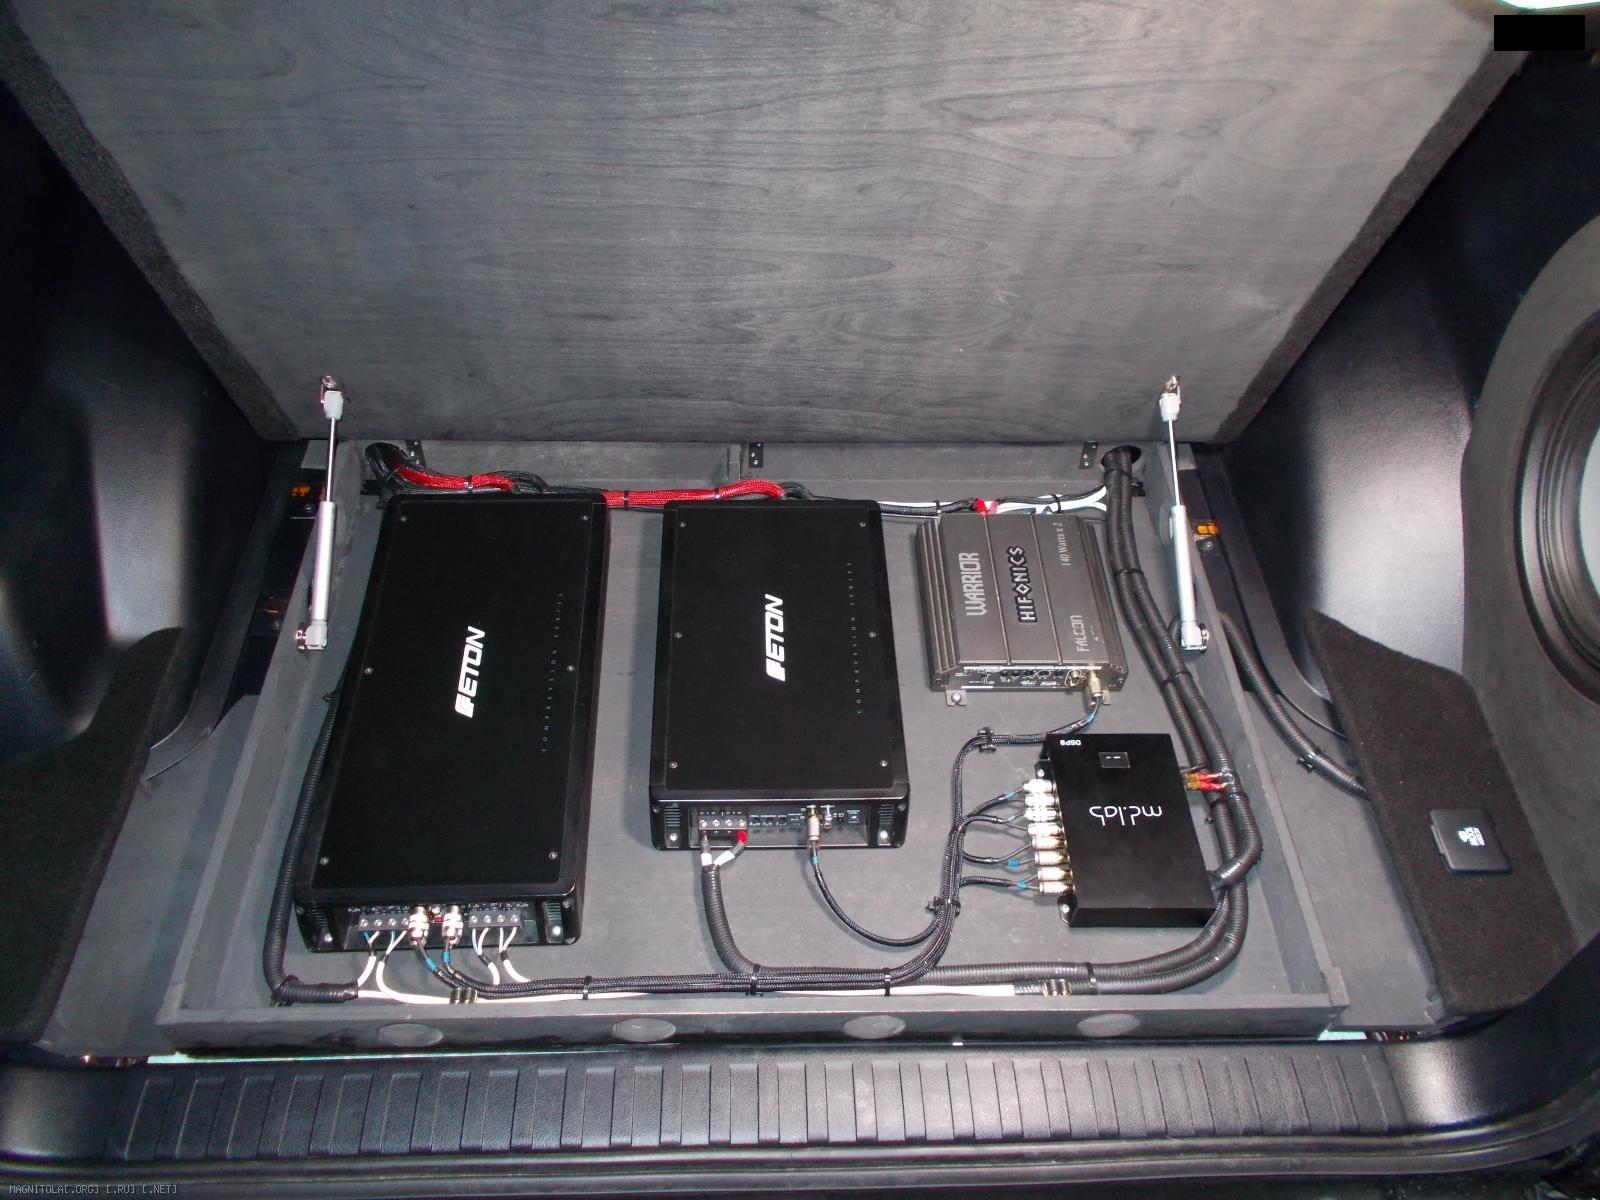 Установленное оборудование в багажнике Toyota prado 150 2015 Выерхняя крышка фальшпола на подъемных механизмах